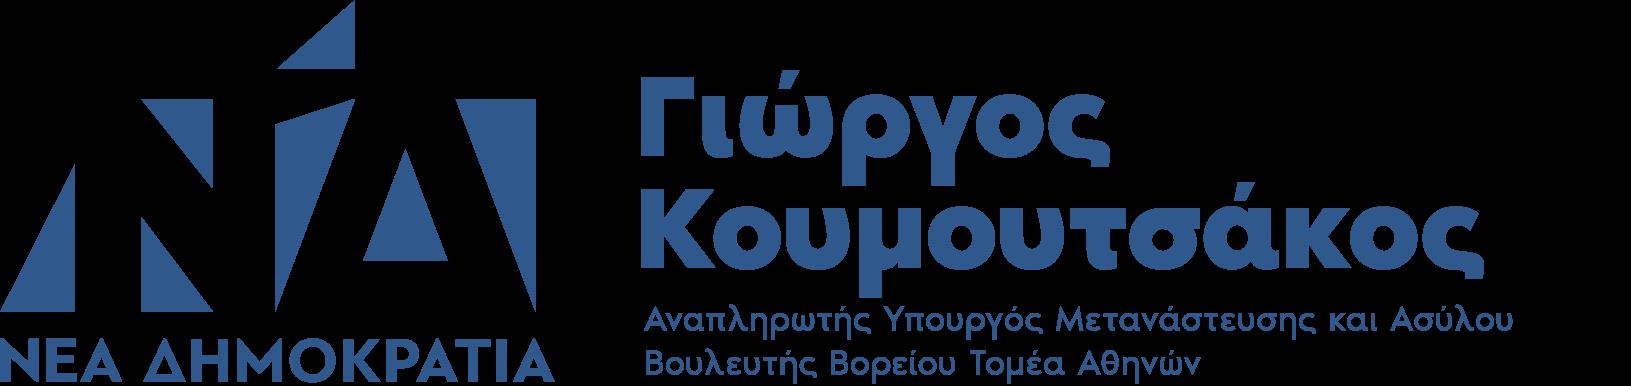 Γιώργος Σ. Κουμουτσάκος